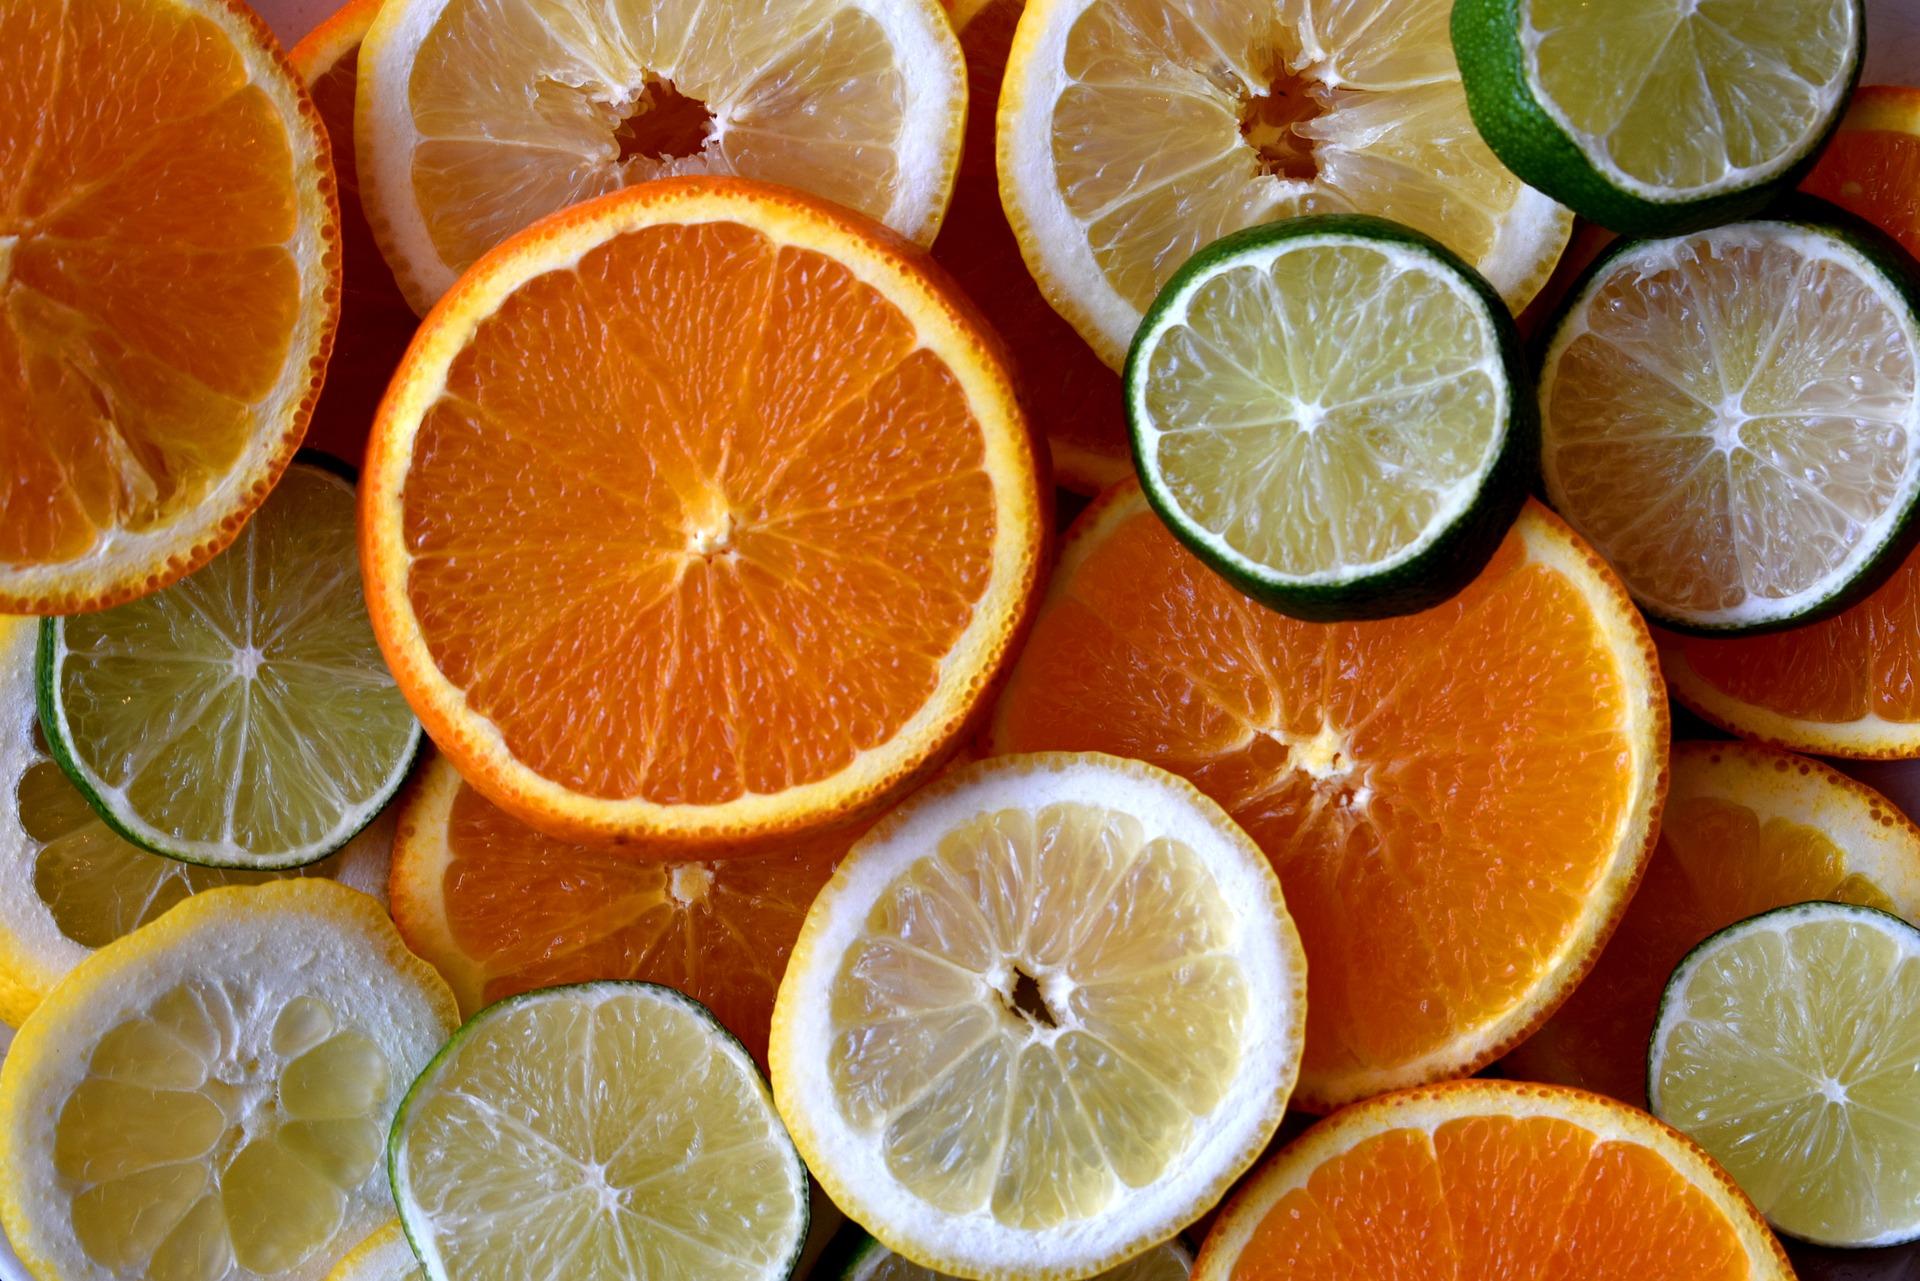 citrus-3550596_1920.jpg